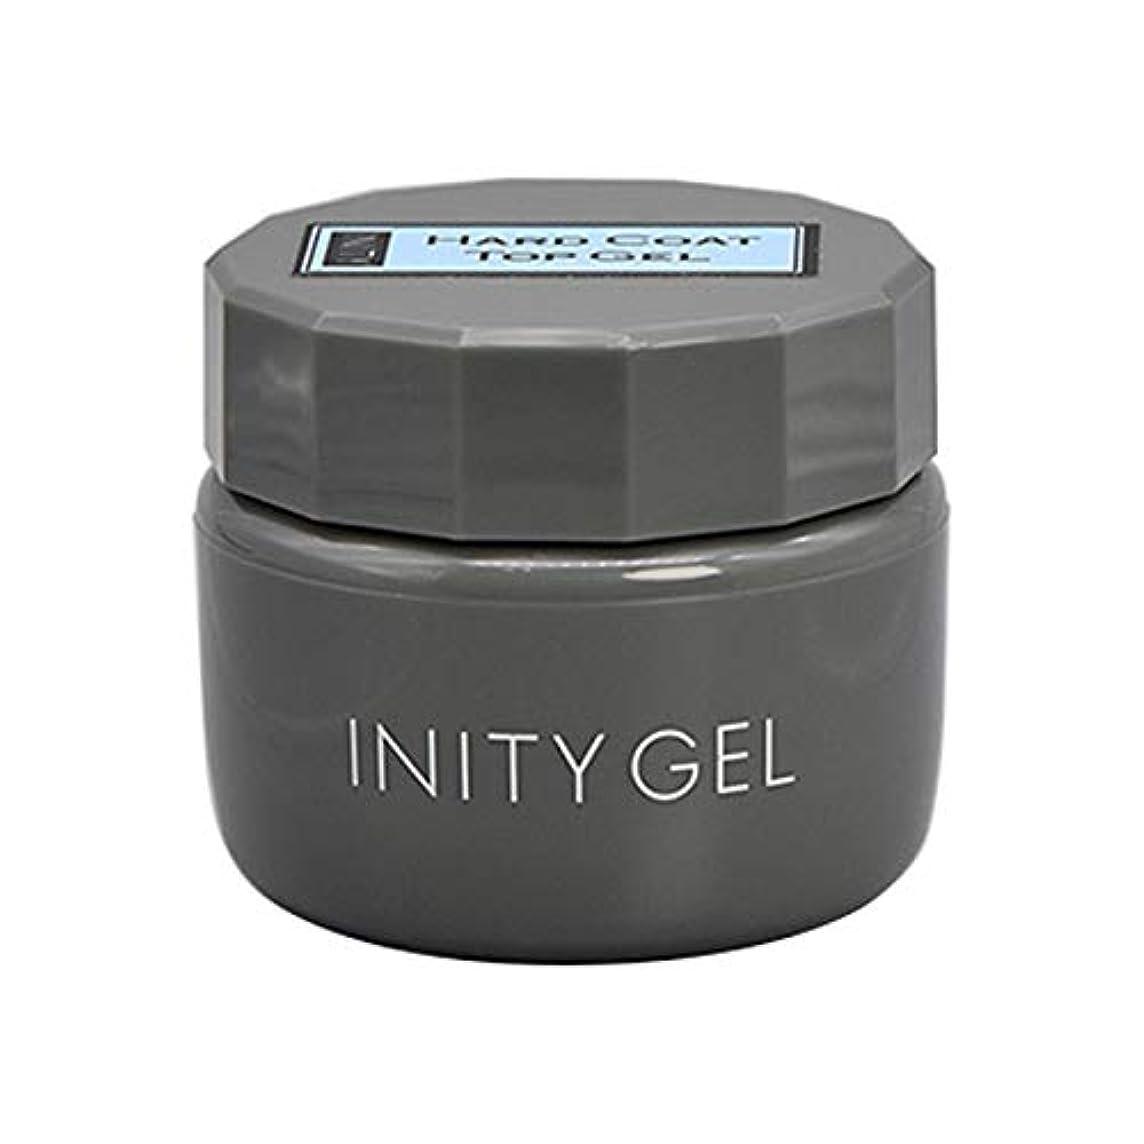 実験チューブ変換するInity アイニティ ハードコート トップジェル 25g